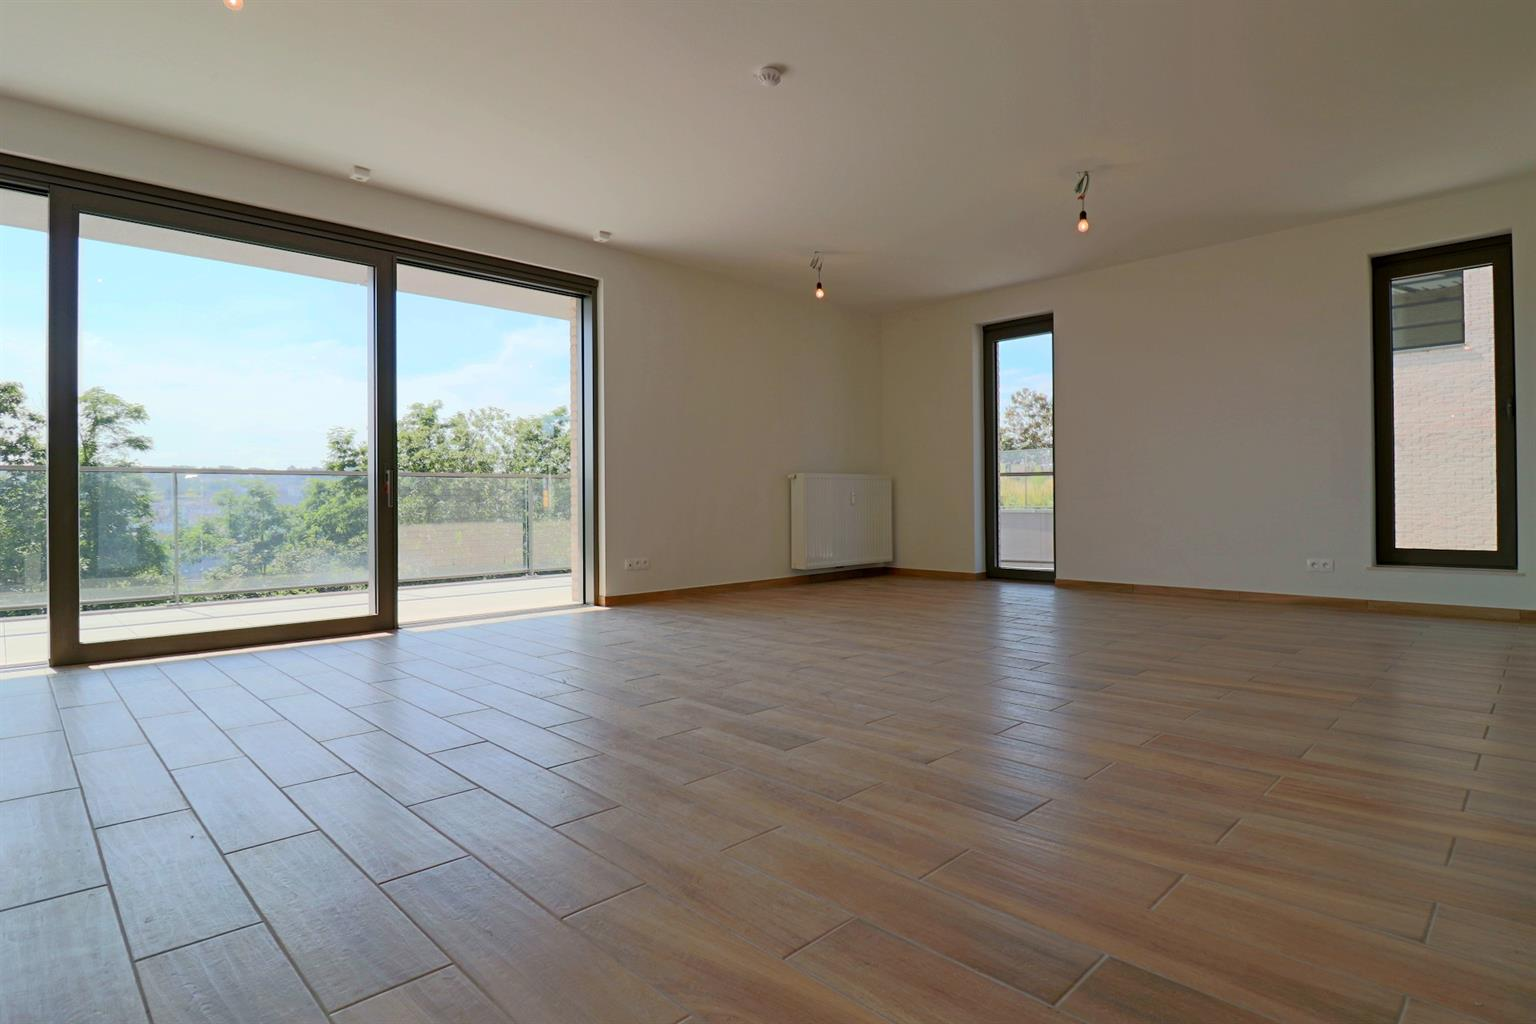 Appartement - Ottignies-Louvain-la-Neuve - #4406864-4